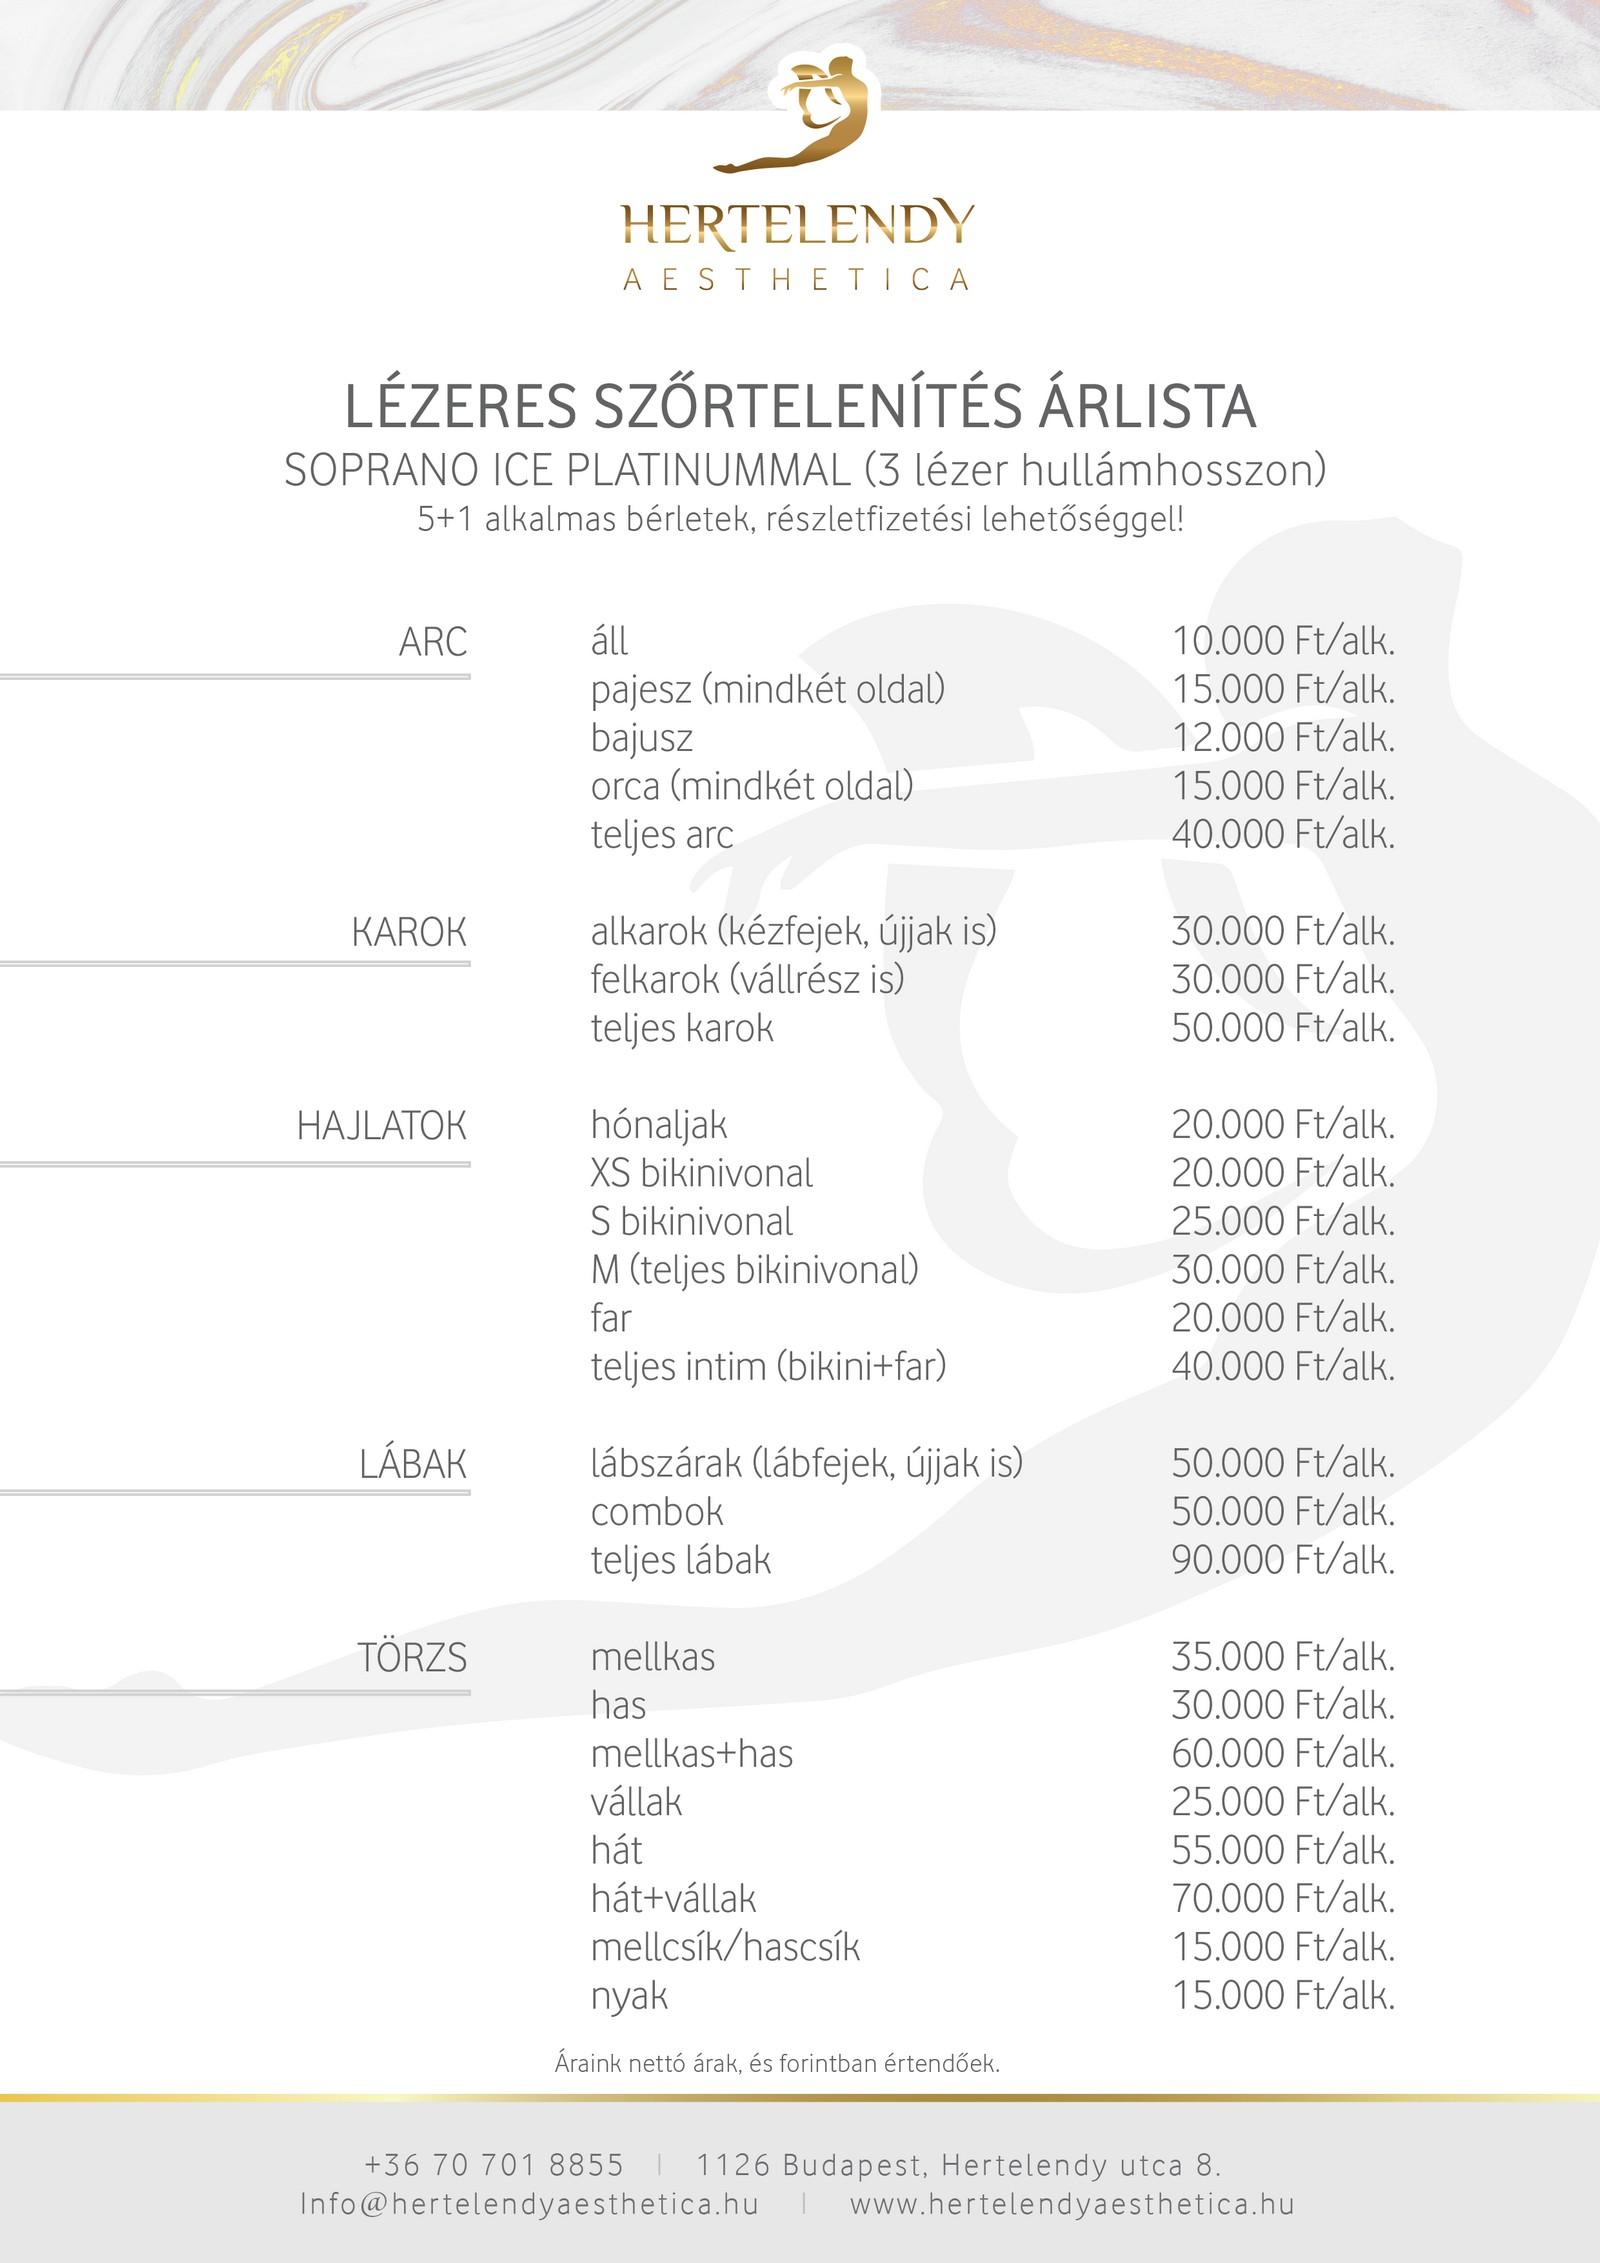 Lézeres szőrtelenítések árlista - Hertelendy Aesthetica